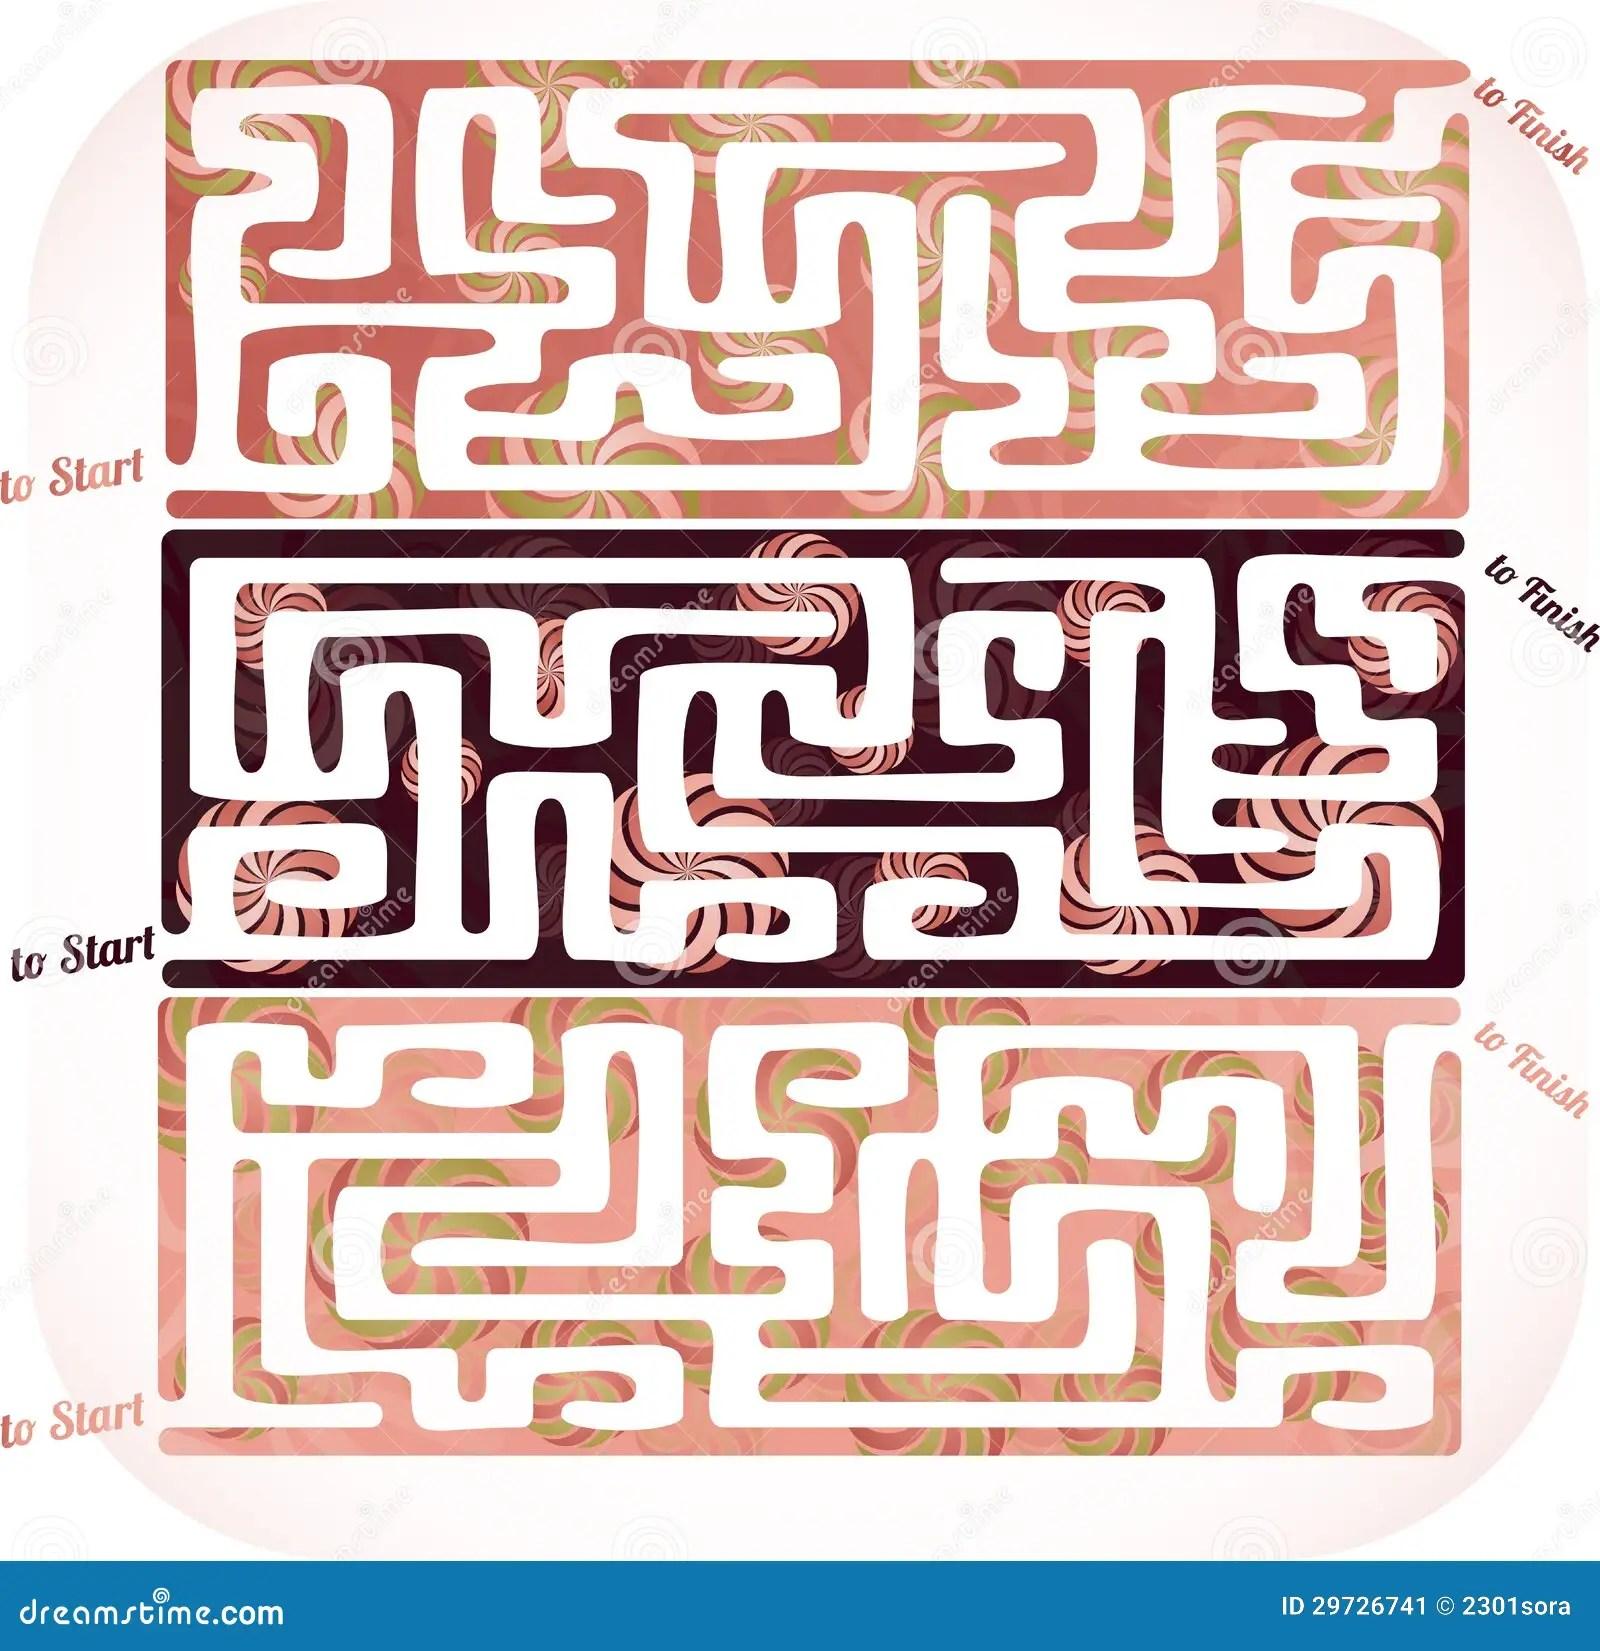 Easy Candy Maze Cartoon Vector